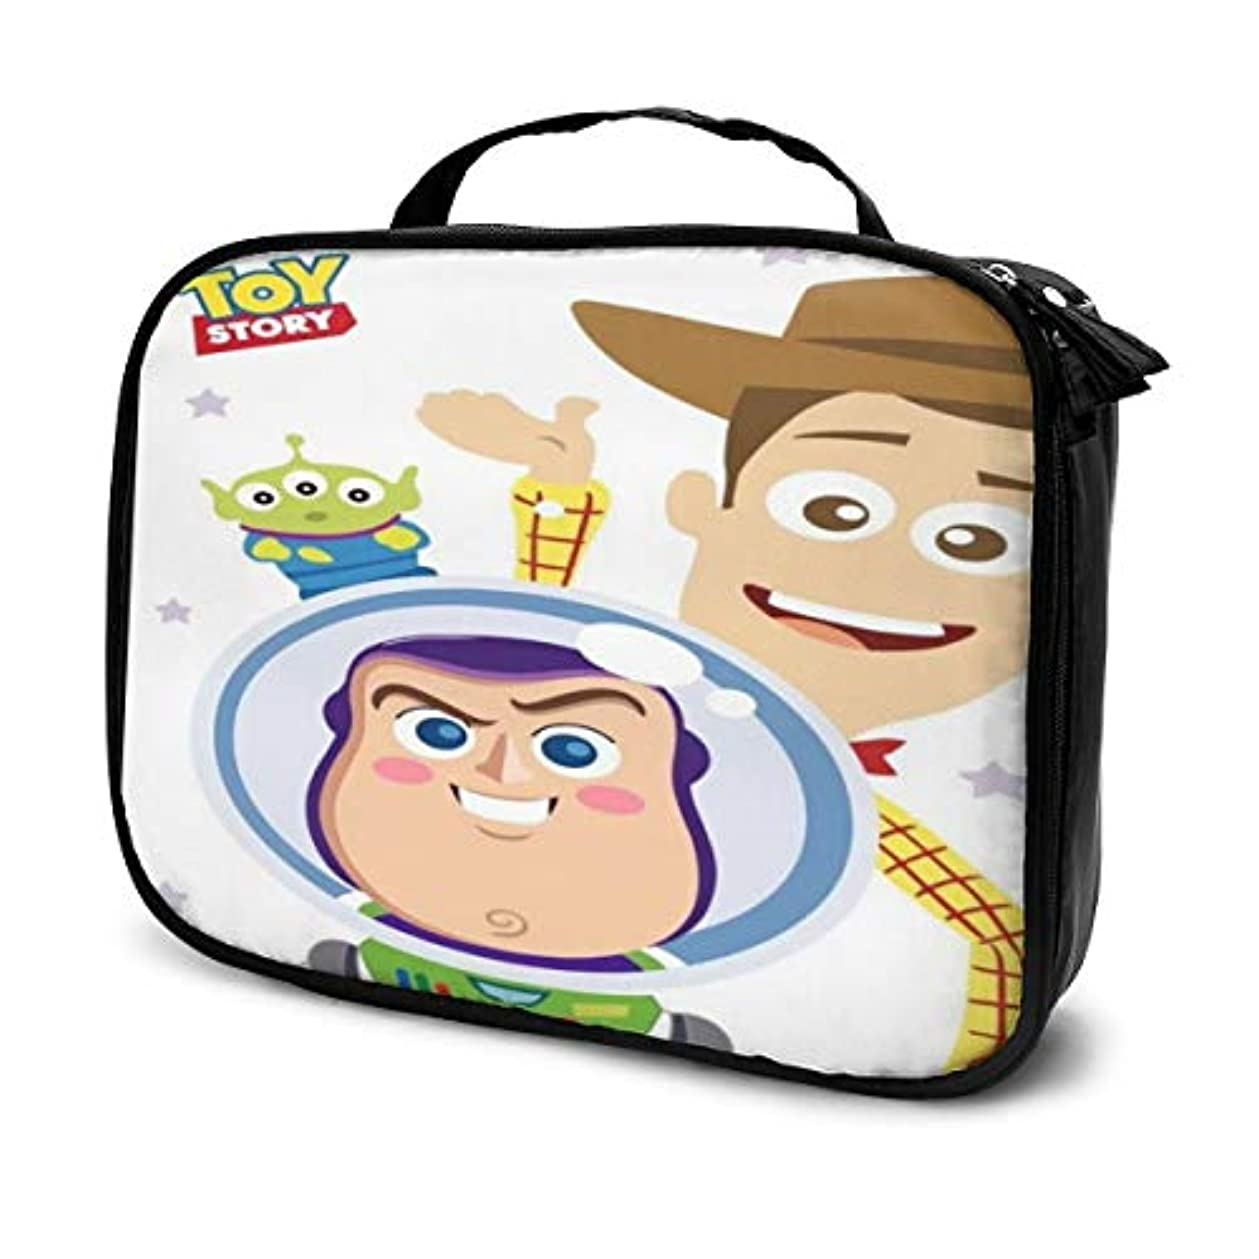 予備ブリーク降伏Daituトイストーリー 化粧品袋の女性旅行バッグ収納大容量防水アクセサリー旅行